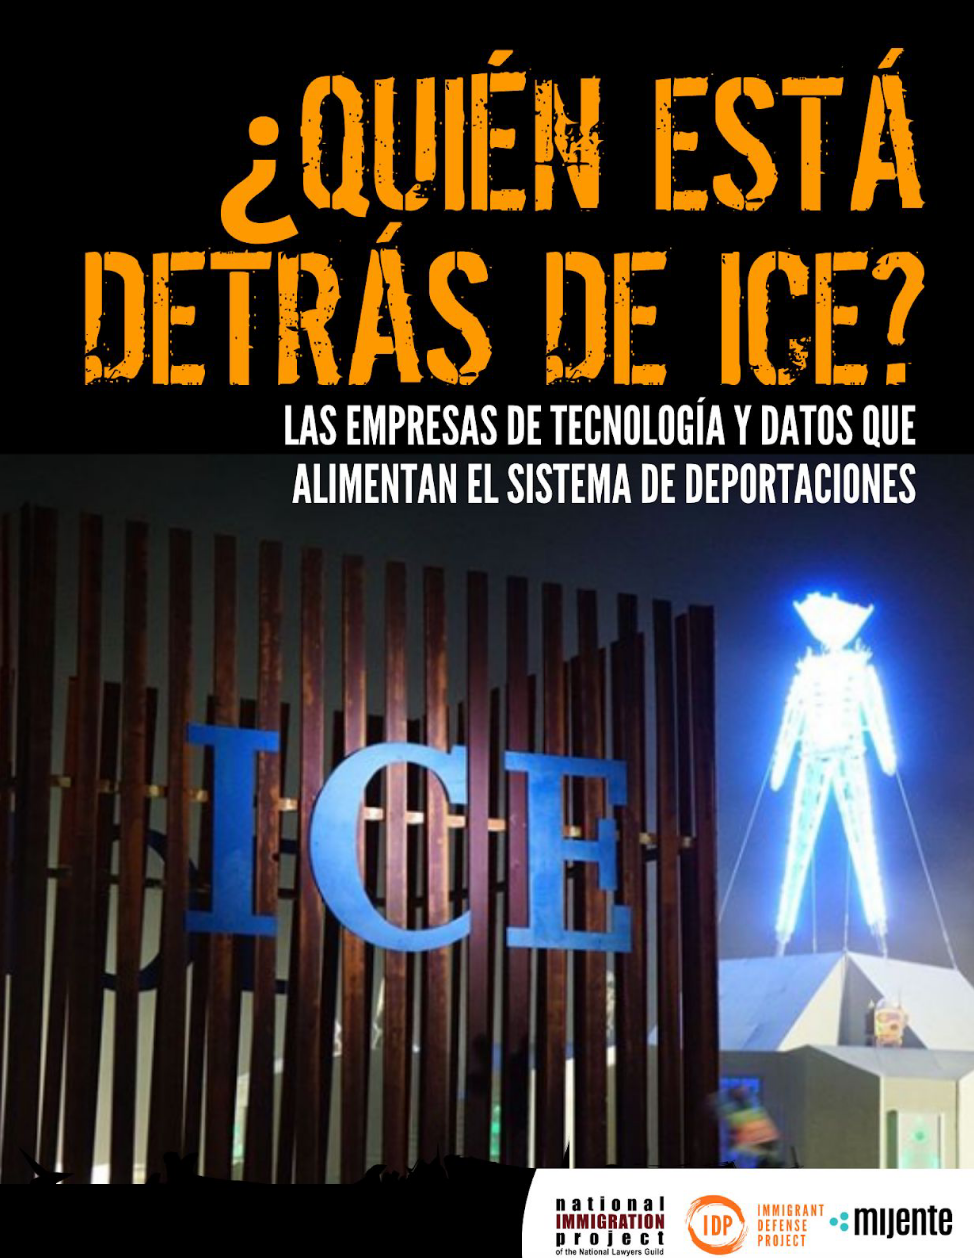 ¿Quién Está Detrás de ICE?